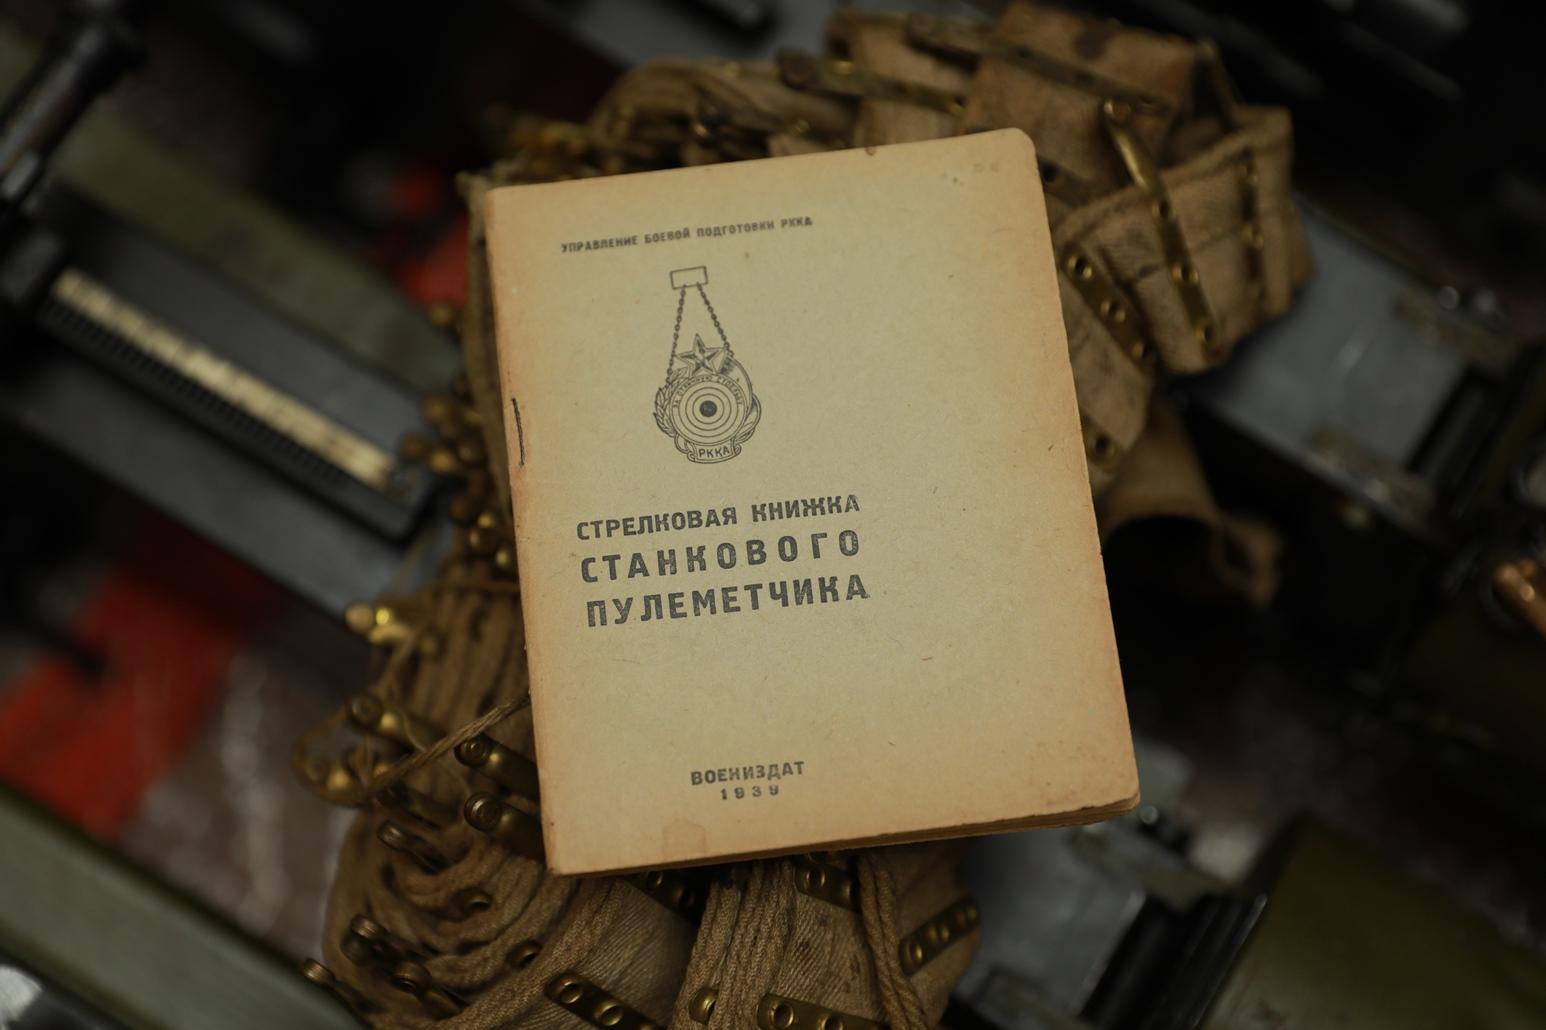 Стрелковая книжка станкового пулеметчика, 1939 год, новая